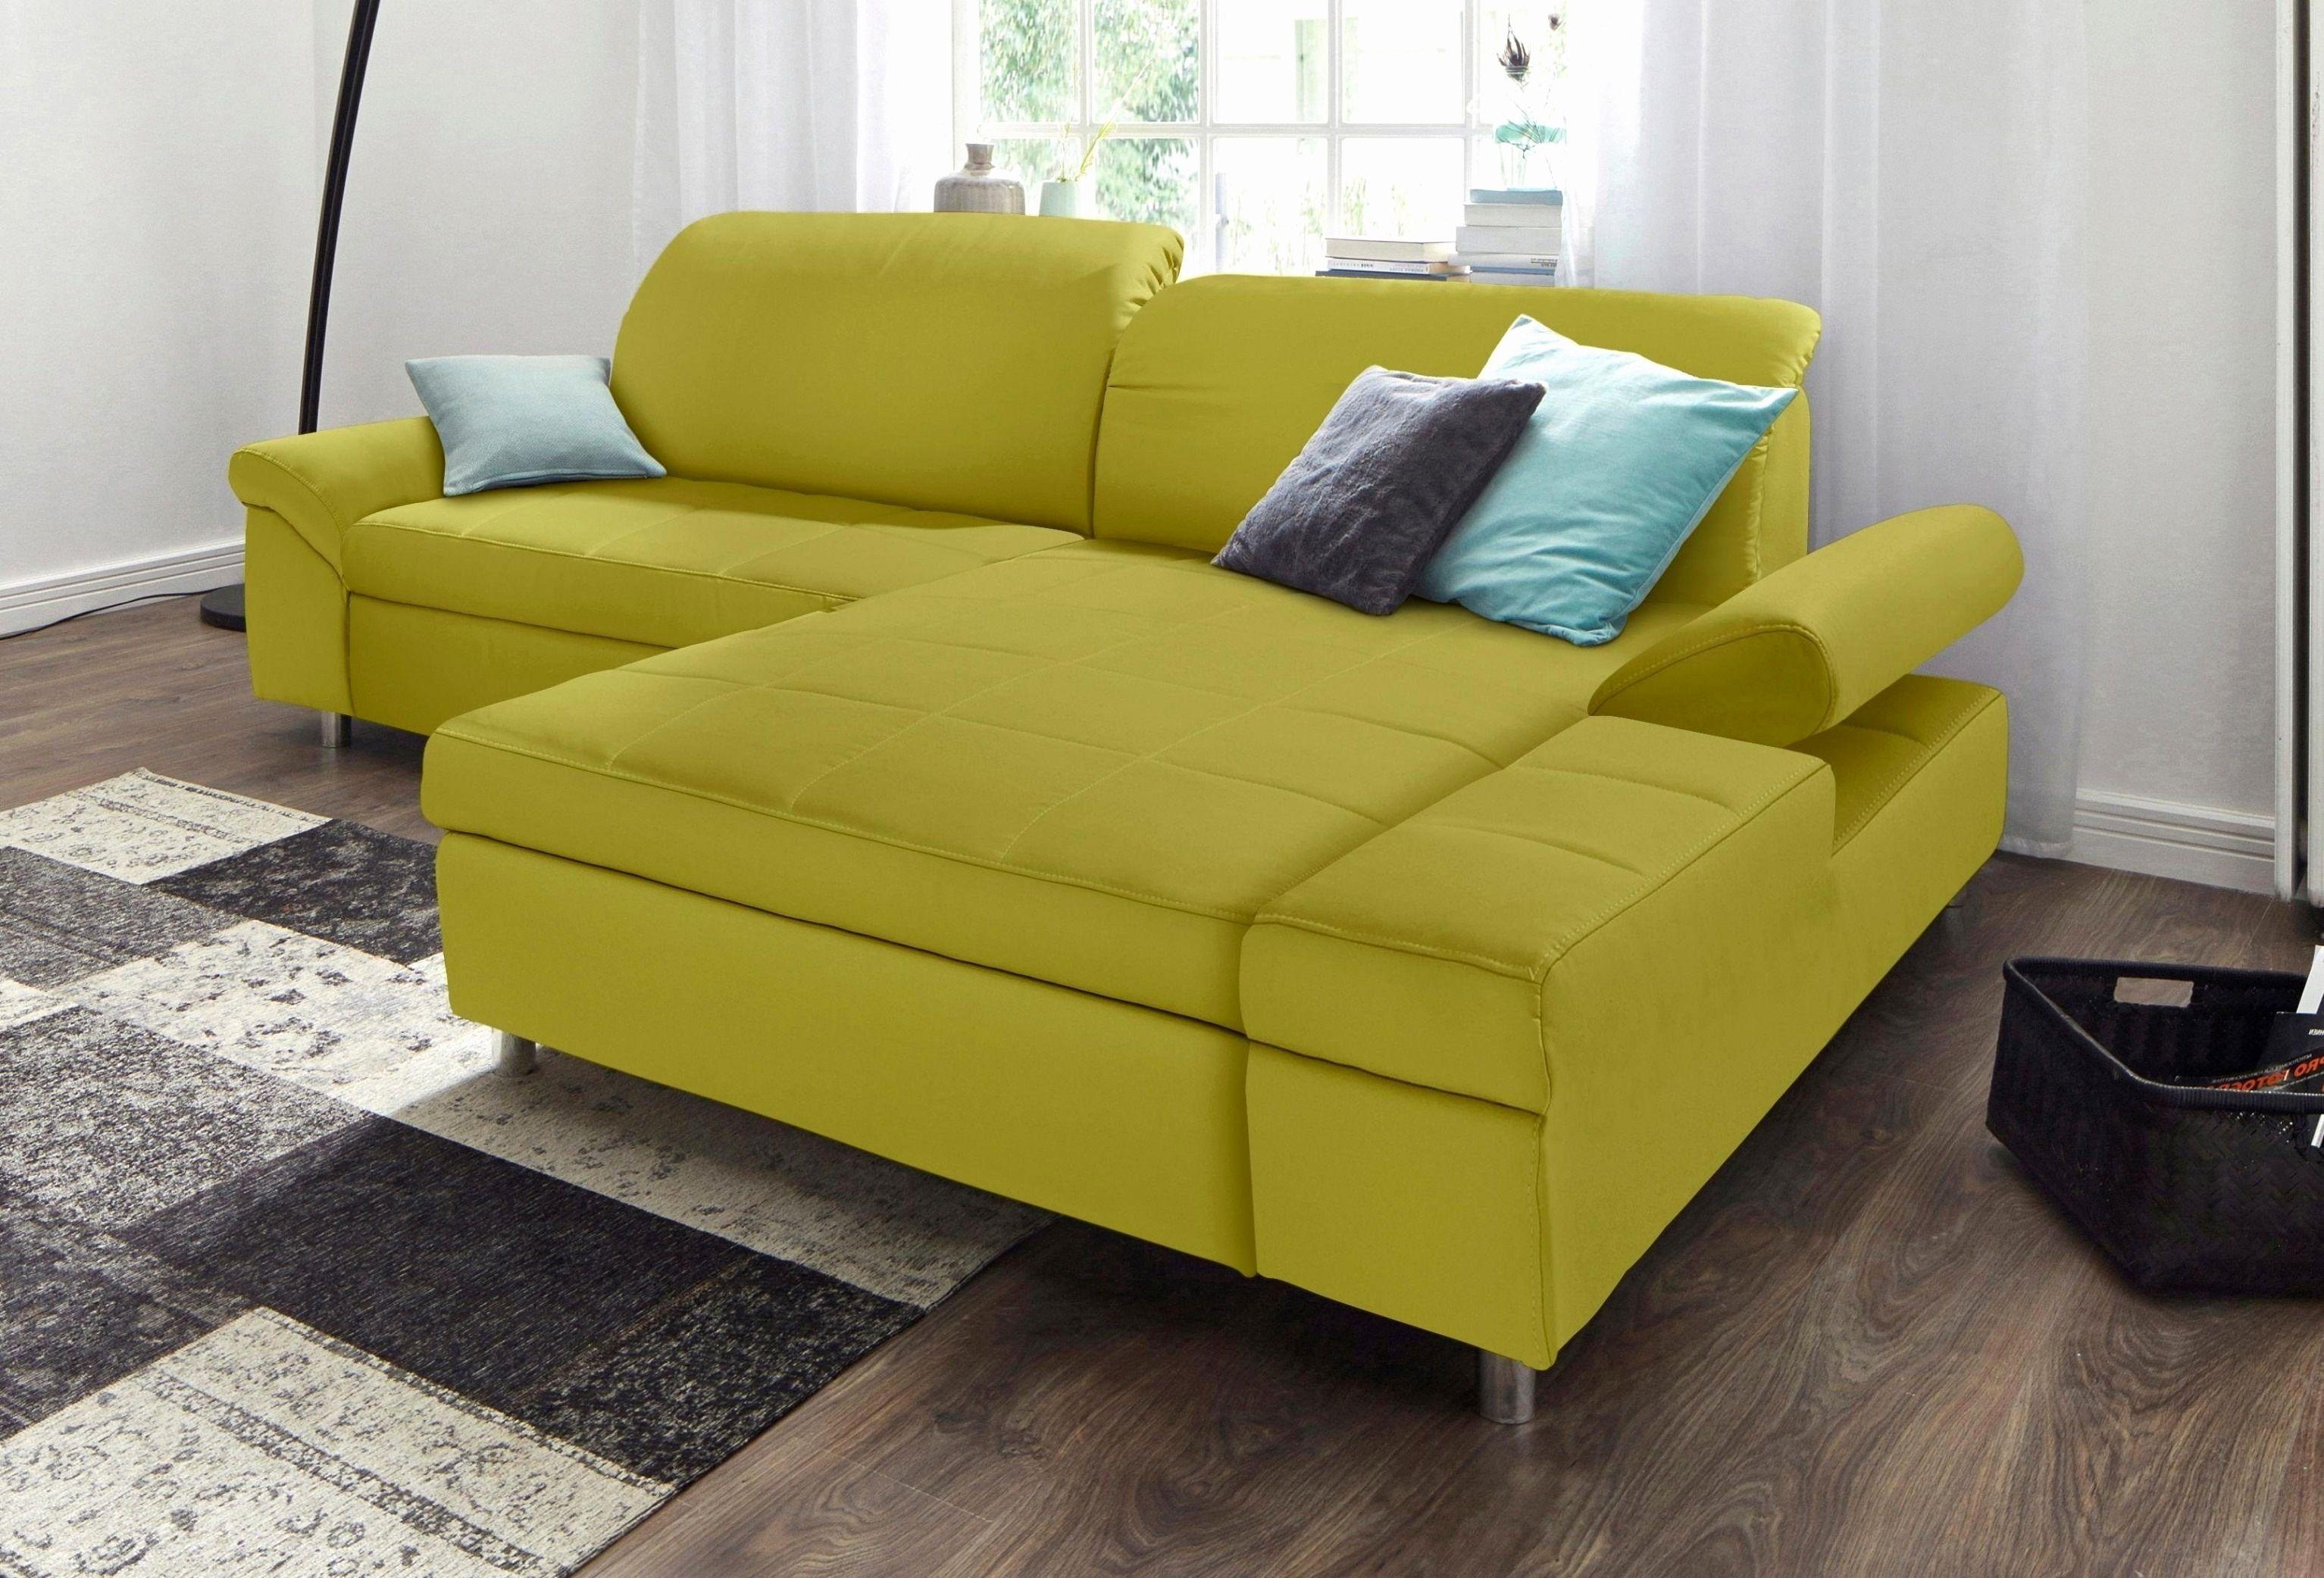 25 Frische Holmsund Schlafsofa Abgeben Gunstige Sofas Big Sofa Mit Schlaffunktion Shabby Chic Sofa